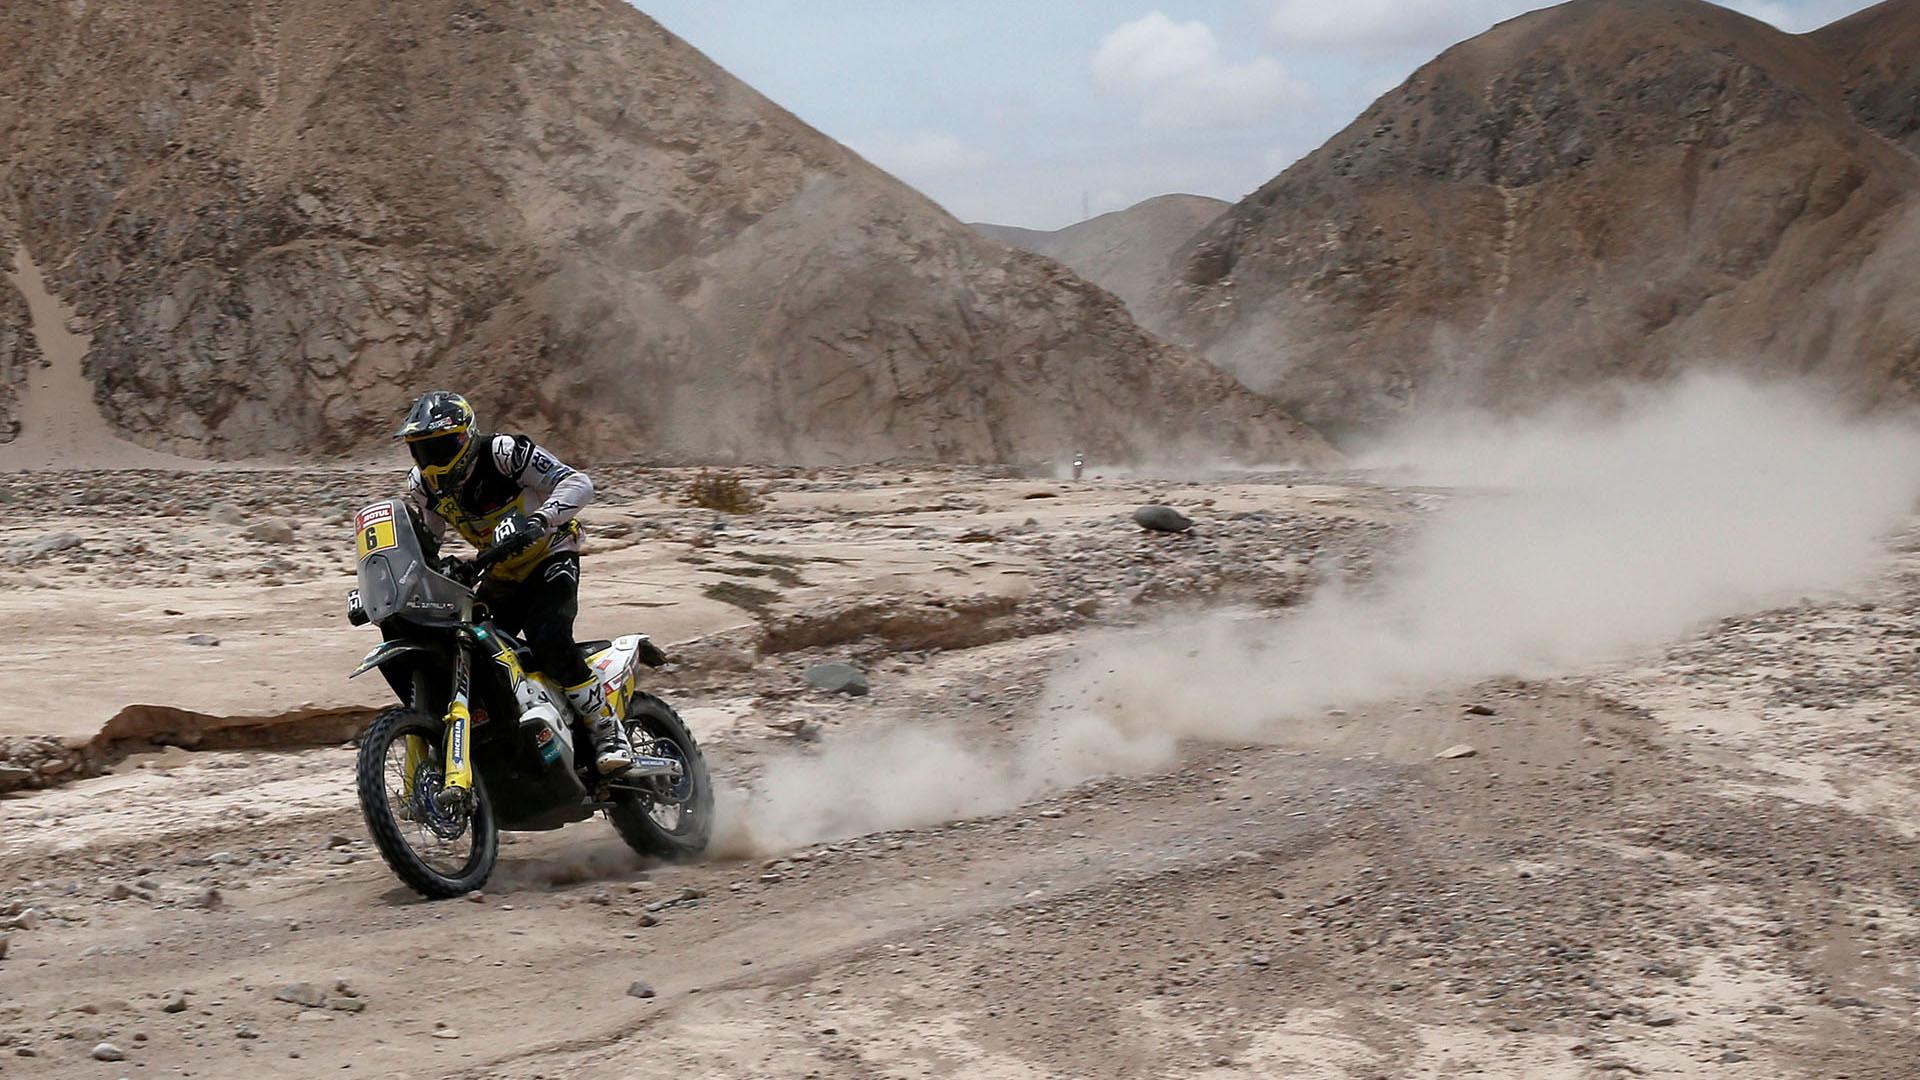 La jornada unió el trazado entre las localidades peruanas de Arequipa y Moquegua (REUTERS)